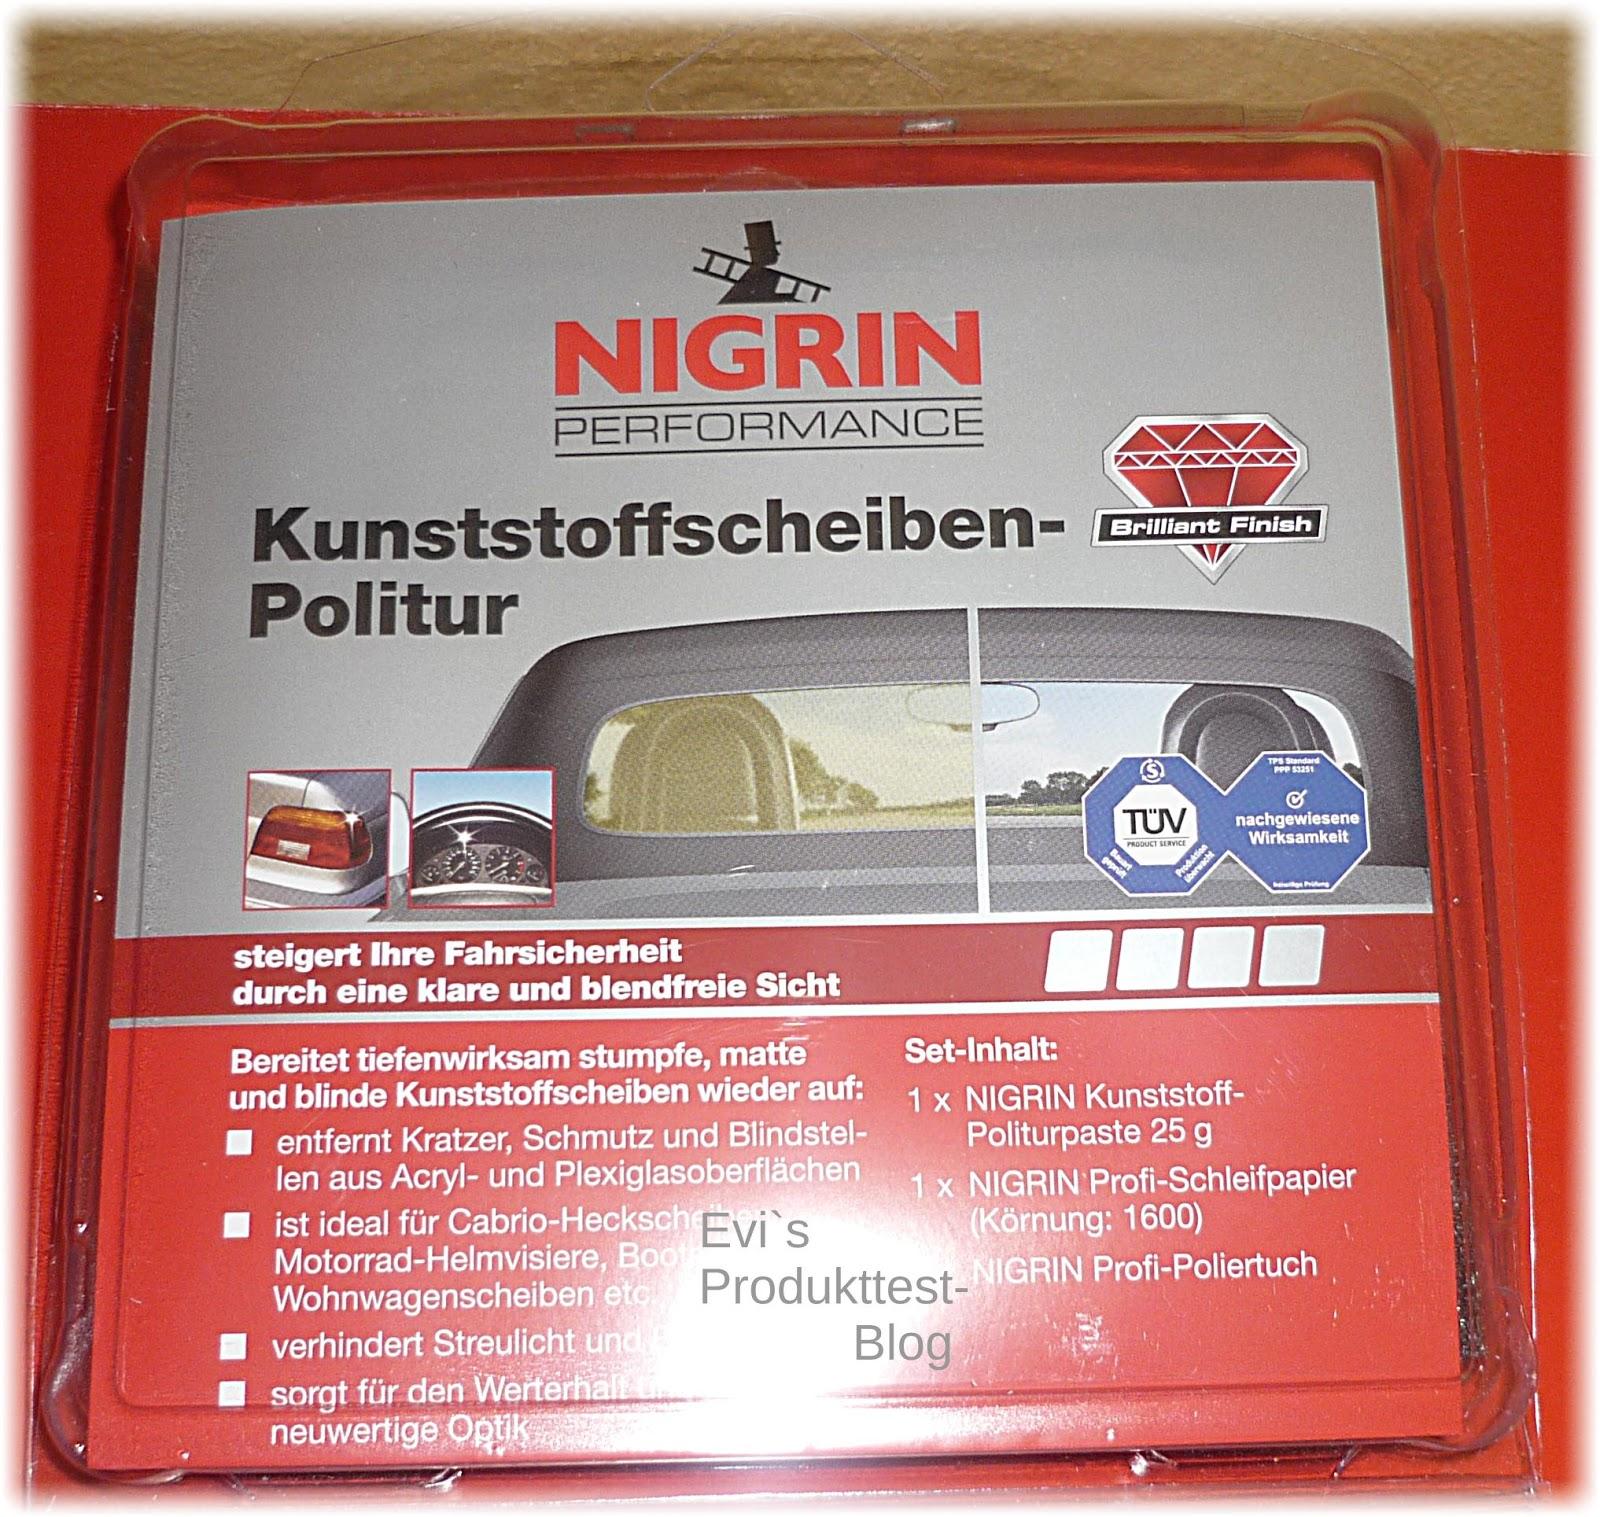 evi s produkttestblog nigrin autopflege produkte im test. Black Bedroom Furniture Sets. Home Design Ideas